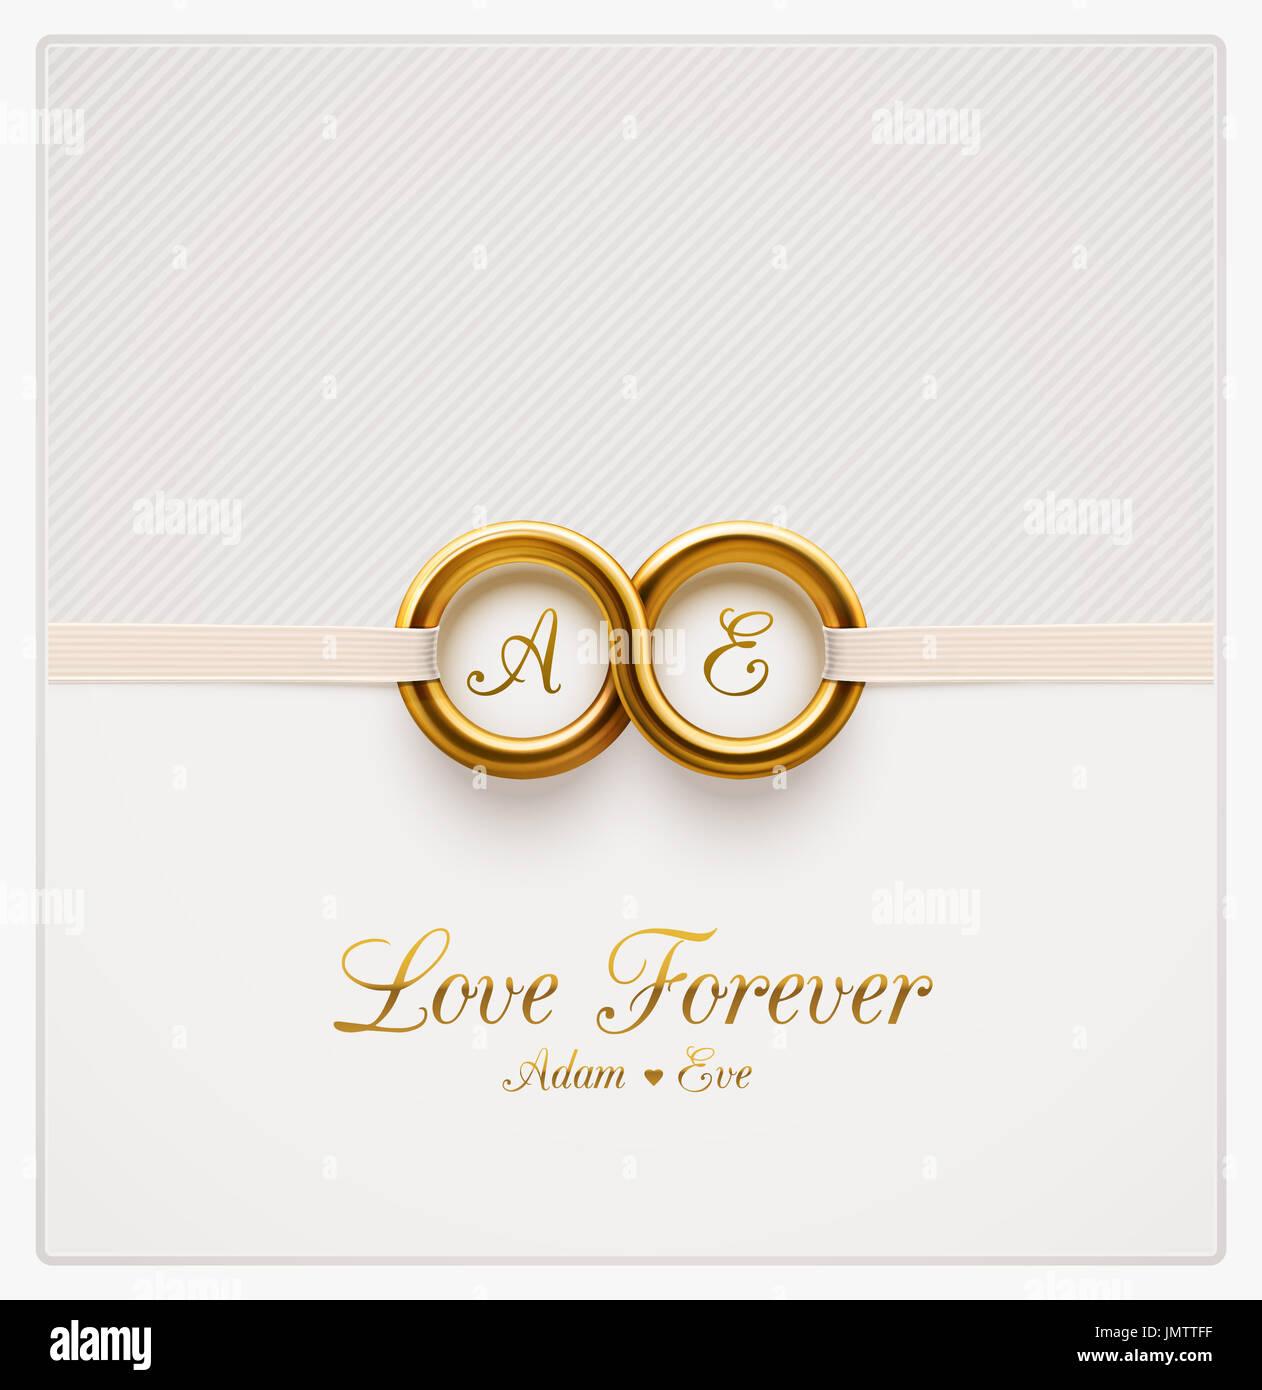 L'amour pour toujours, d'invitation de mariage, eps 10 Photo Stock